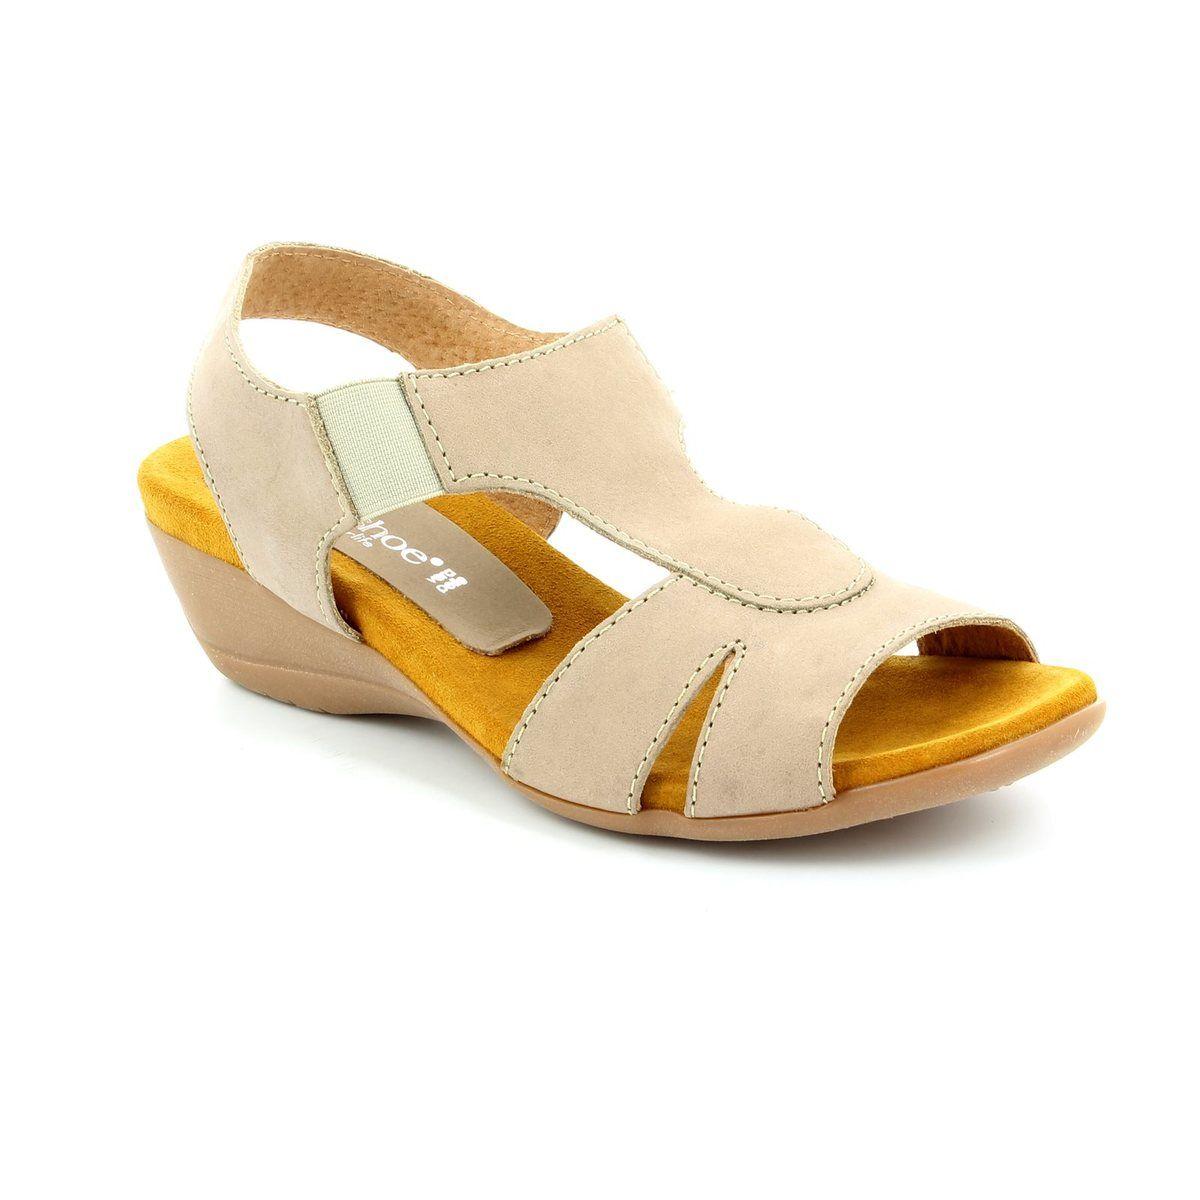 Pin by Sare Hux on Relaxshoe Slapp av sko, Sandaler sommer  Relax shoes, Sandals summer